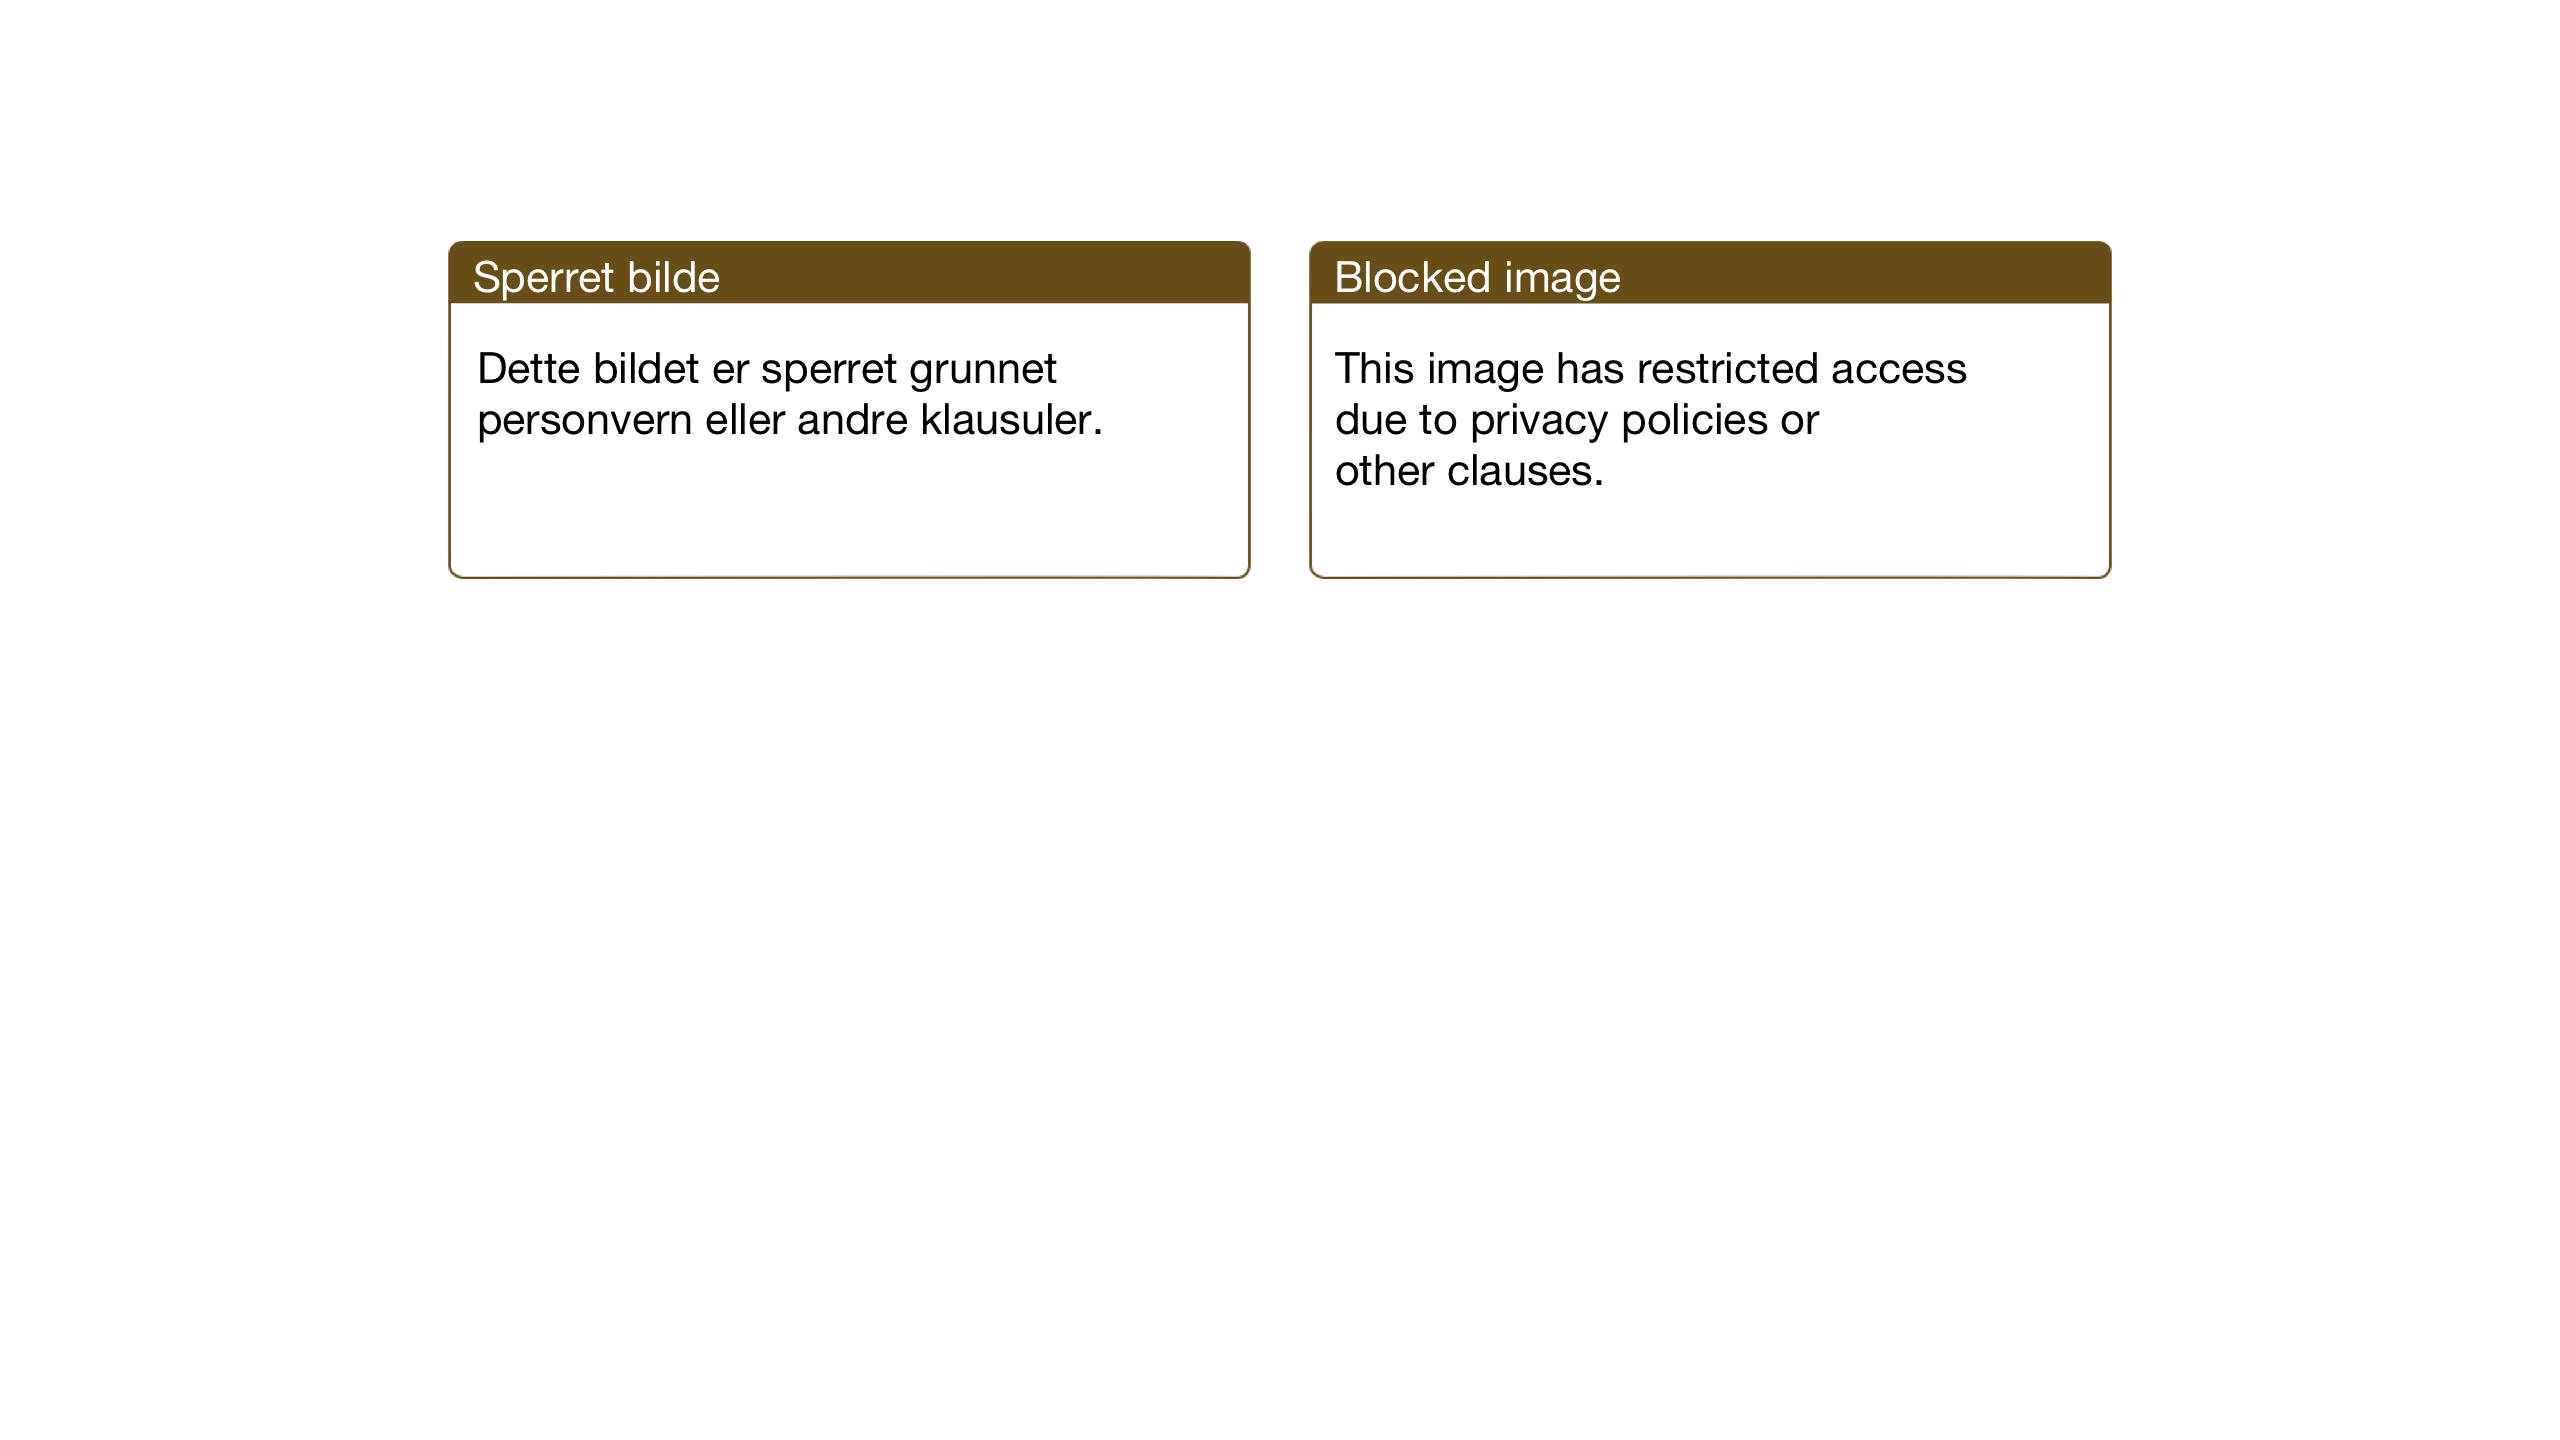 SAT, Ministerialprotokoller, klokkerbøker og fødselsregistre - Sør-Trøndelag, 637/L0564: Klokkerbok nr. 637C05, 1928-1968, s. 56